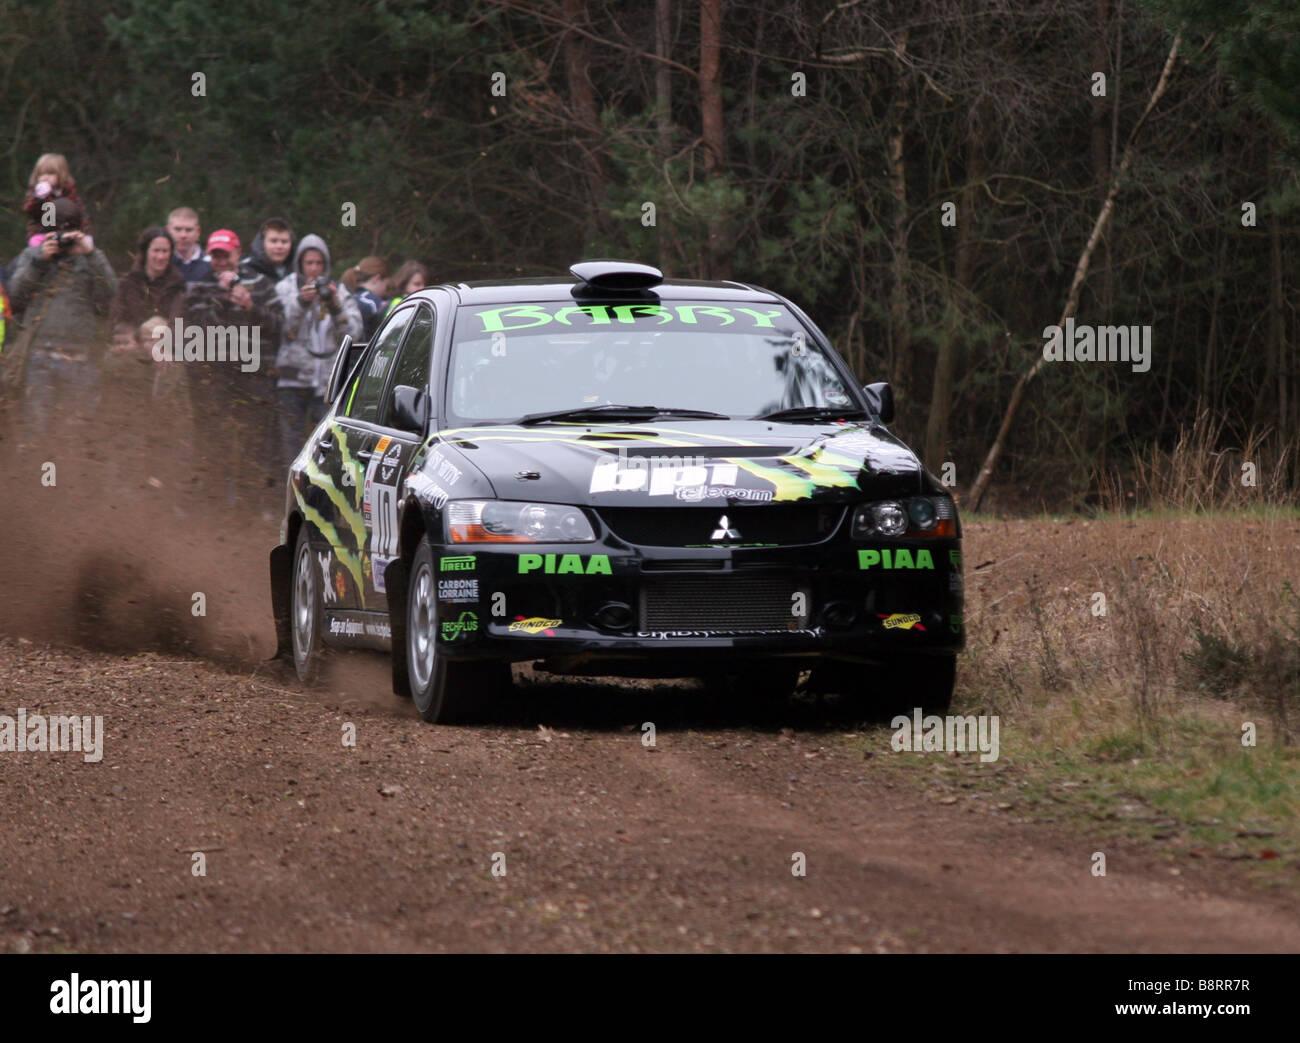 Acción de disparo rally car preformado en Rallye Sunseeker 2009 Imagen De Stock